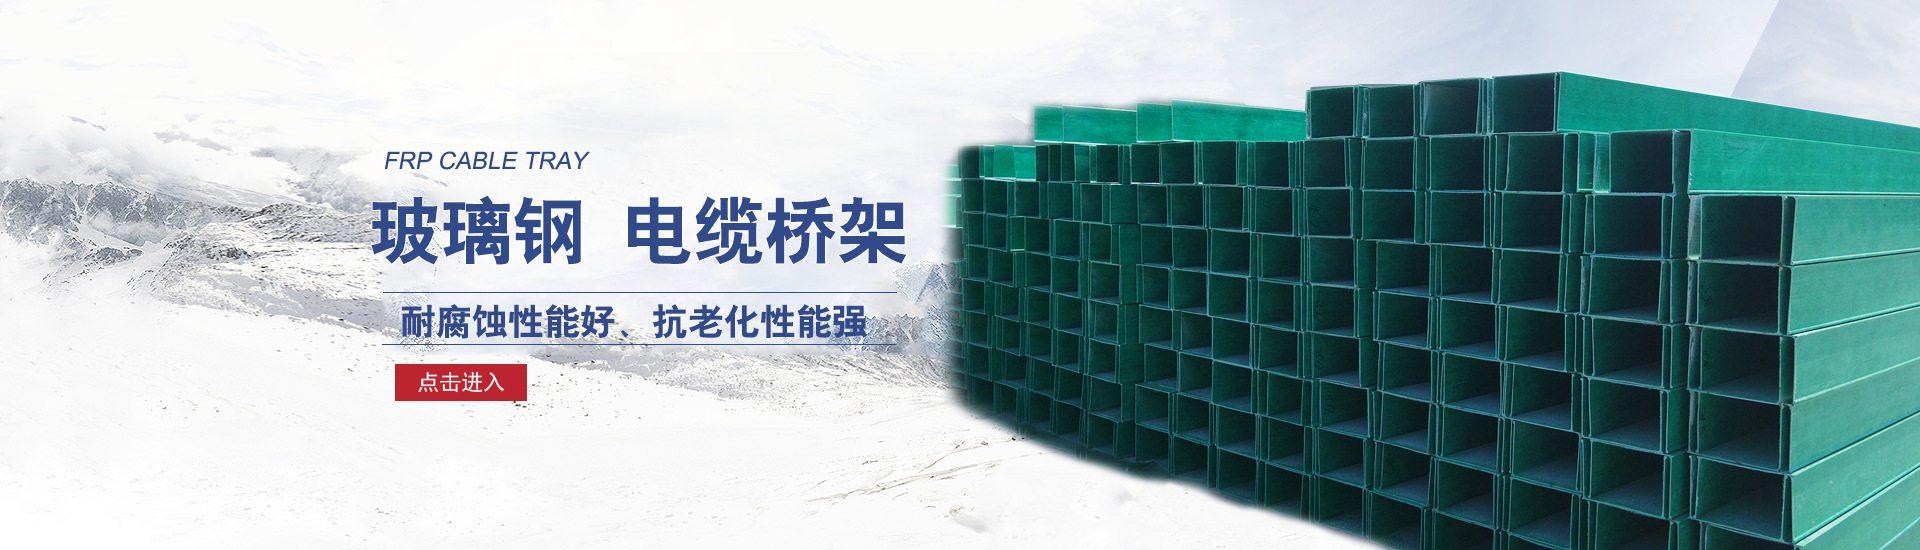 玻璃钢电缆桥架生产厂家